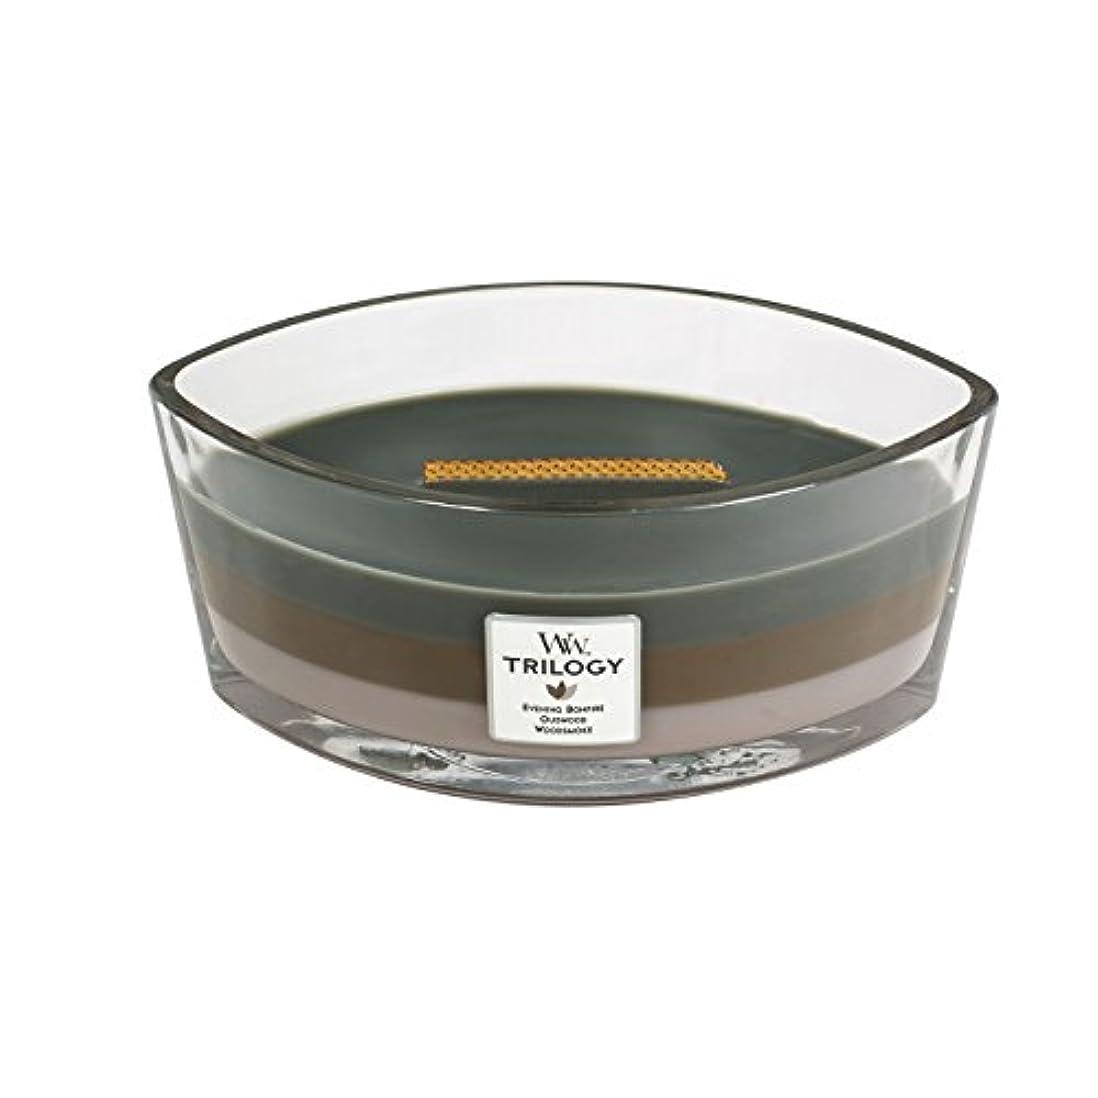 首尾一貫した事香ばしいWoodWick Trilogy cosy CABIN, 3-in-1 Highly Scented Candle, Ellipse Glass Jar with Original HearthWick Flame, Large...